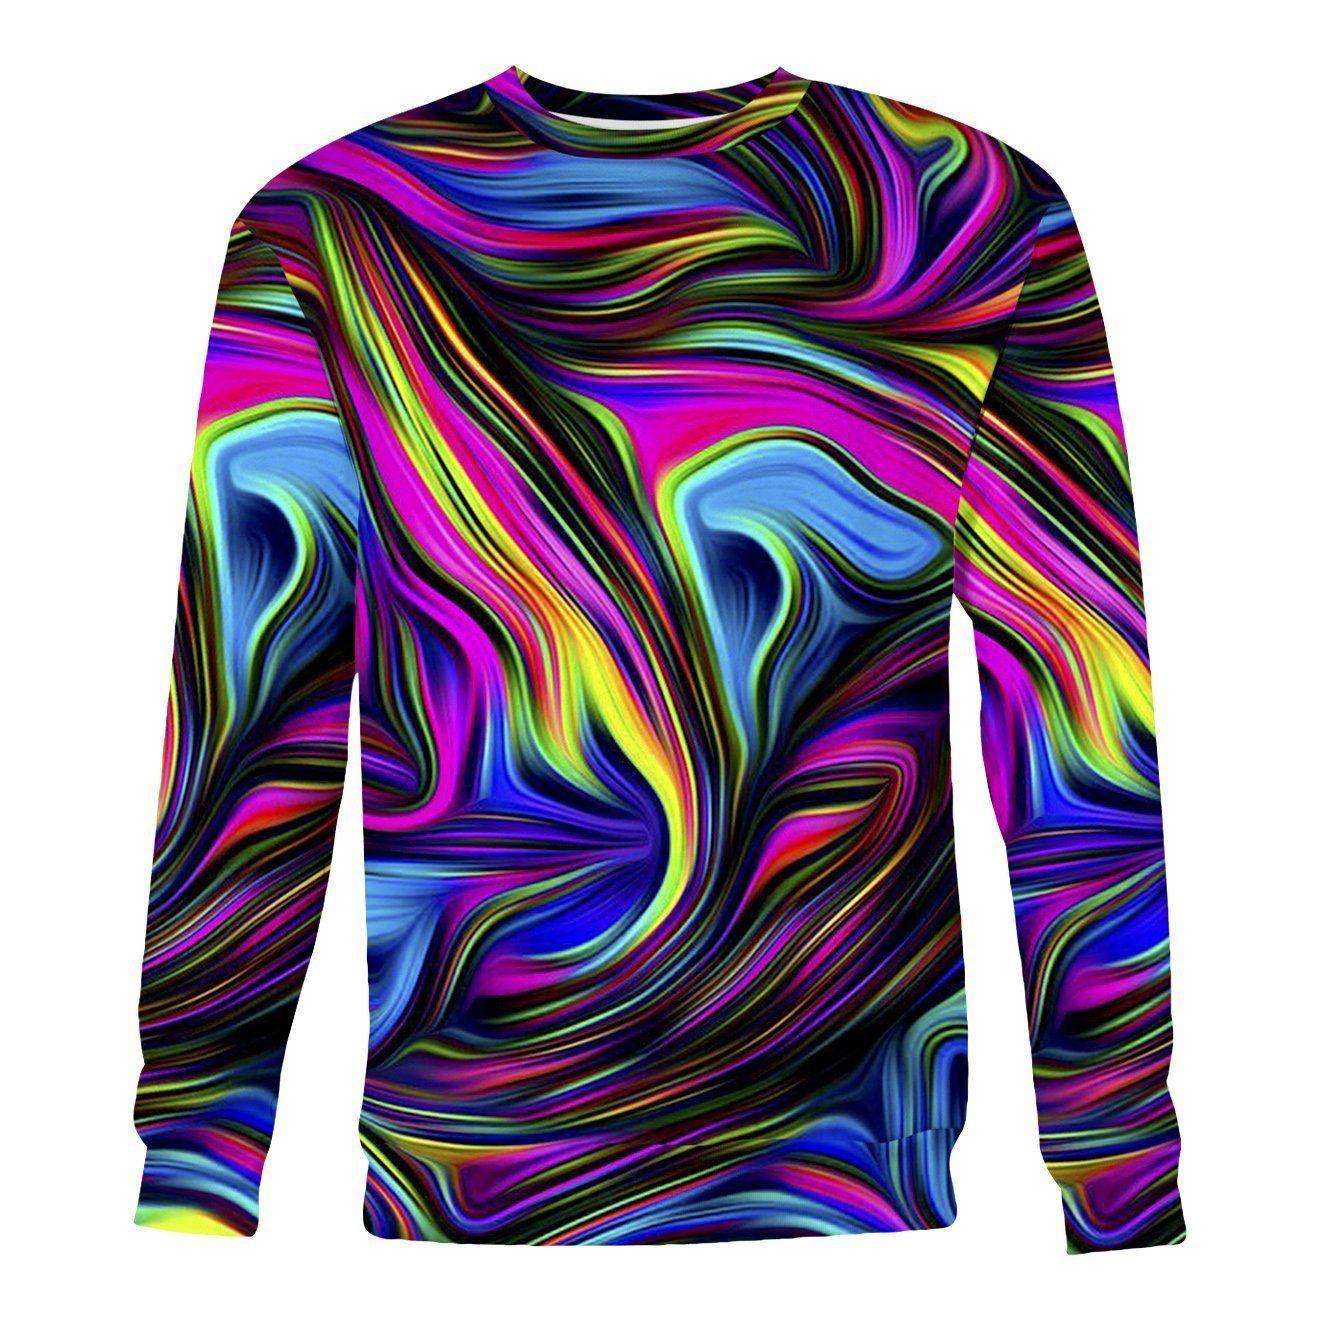 Neon Paint Sweatshirt Wallpaper iphone neon, Painting